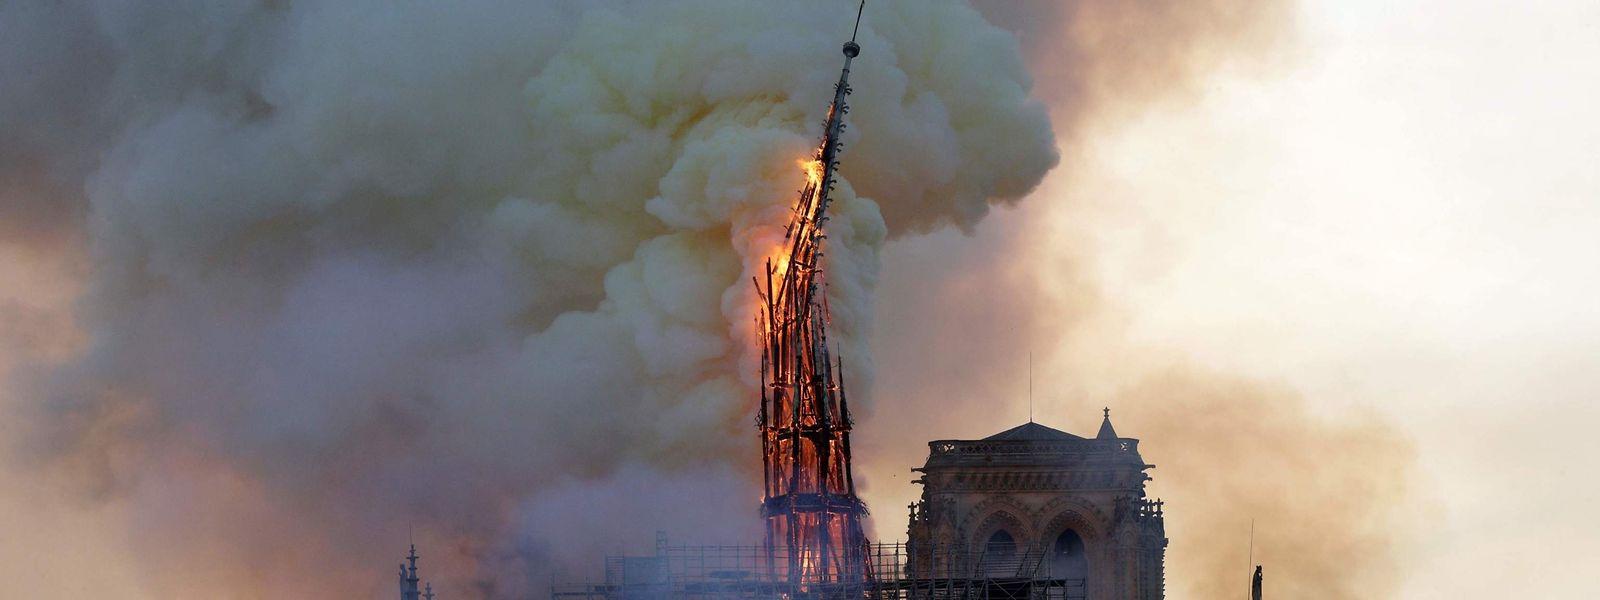 Die Turmspitze der Kathedrale brach bei dem Feuer im April 2019 in sich zusammen.